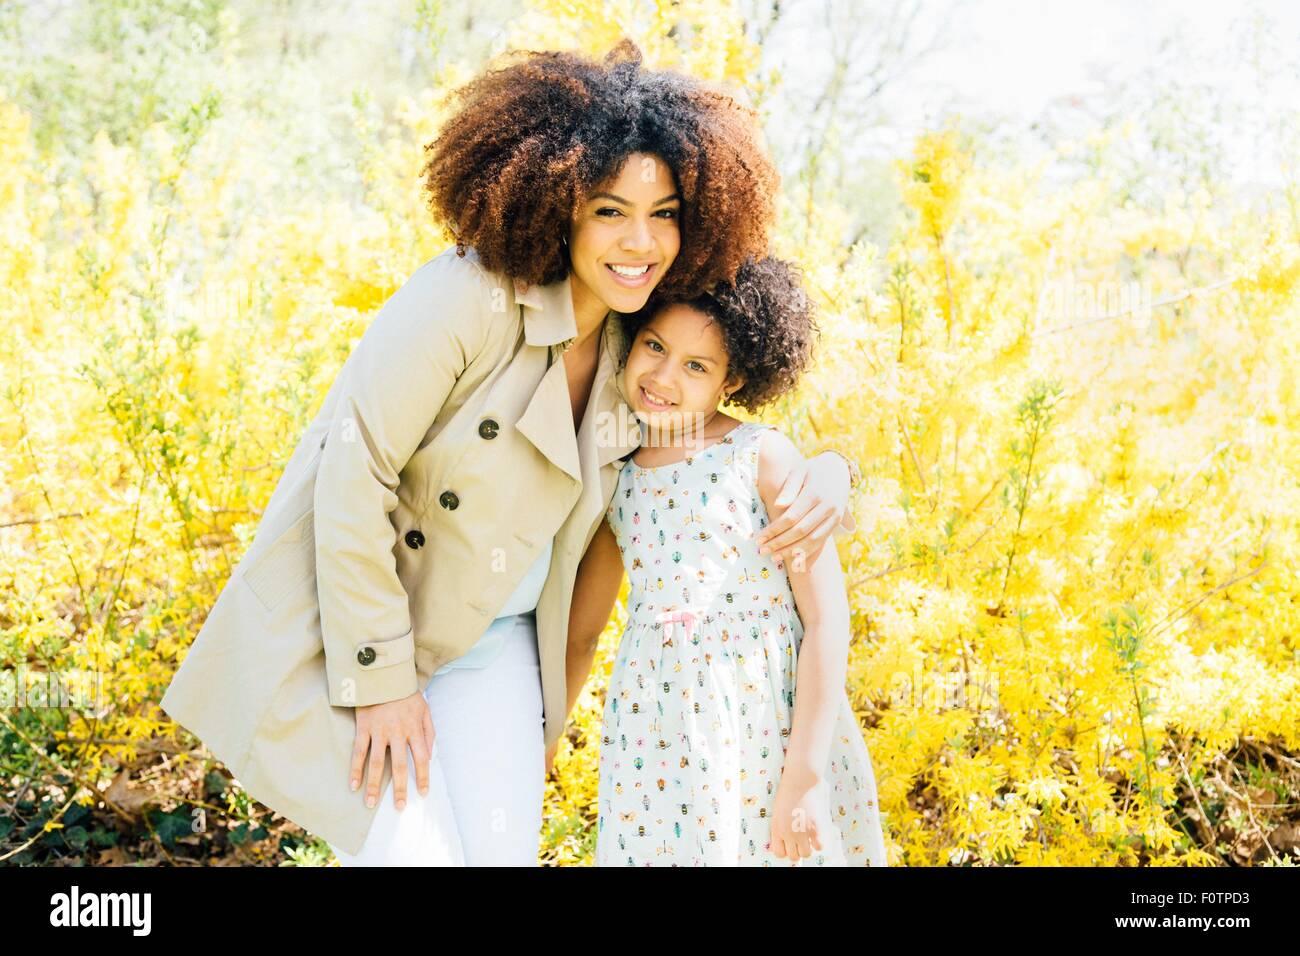 Ritratto di Madre con braccio attorno alla figlia, guardando la telecamera, sorridente Immagini Stock